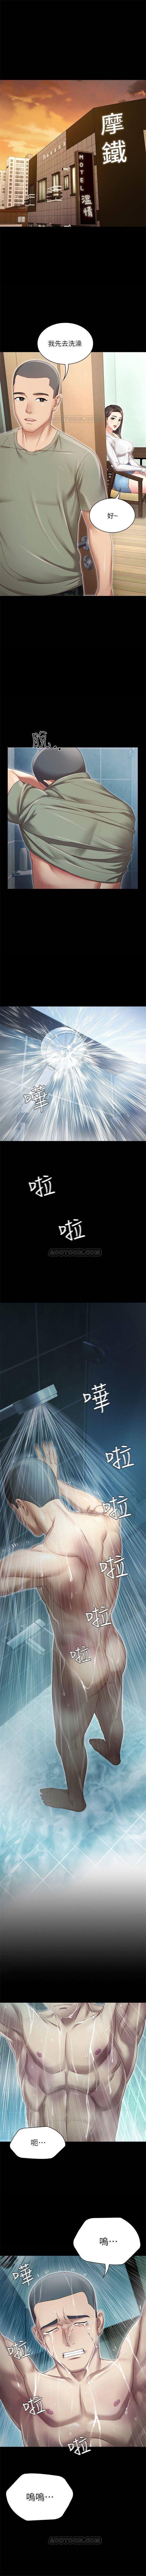 妹妹的義務 1-37 官方中文(連載中) 4